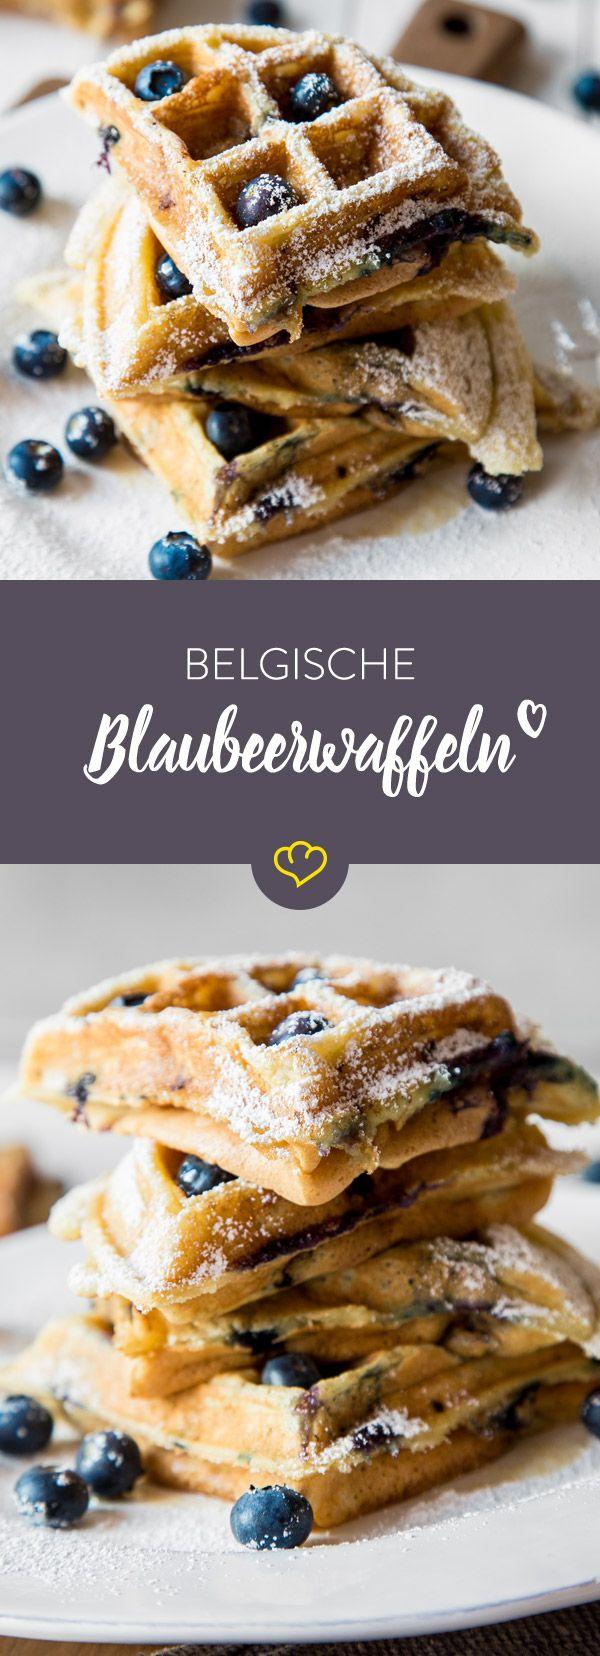 Fluffiger Hefeteig, süße Beeren und eine herrlich knusprige Kruste - klingt nach einem gelungenen Sonntags-Frühstück, oder?